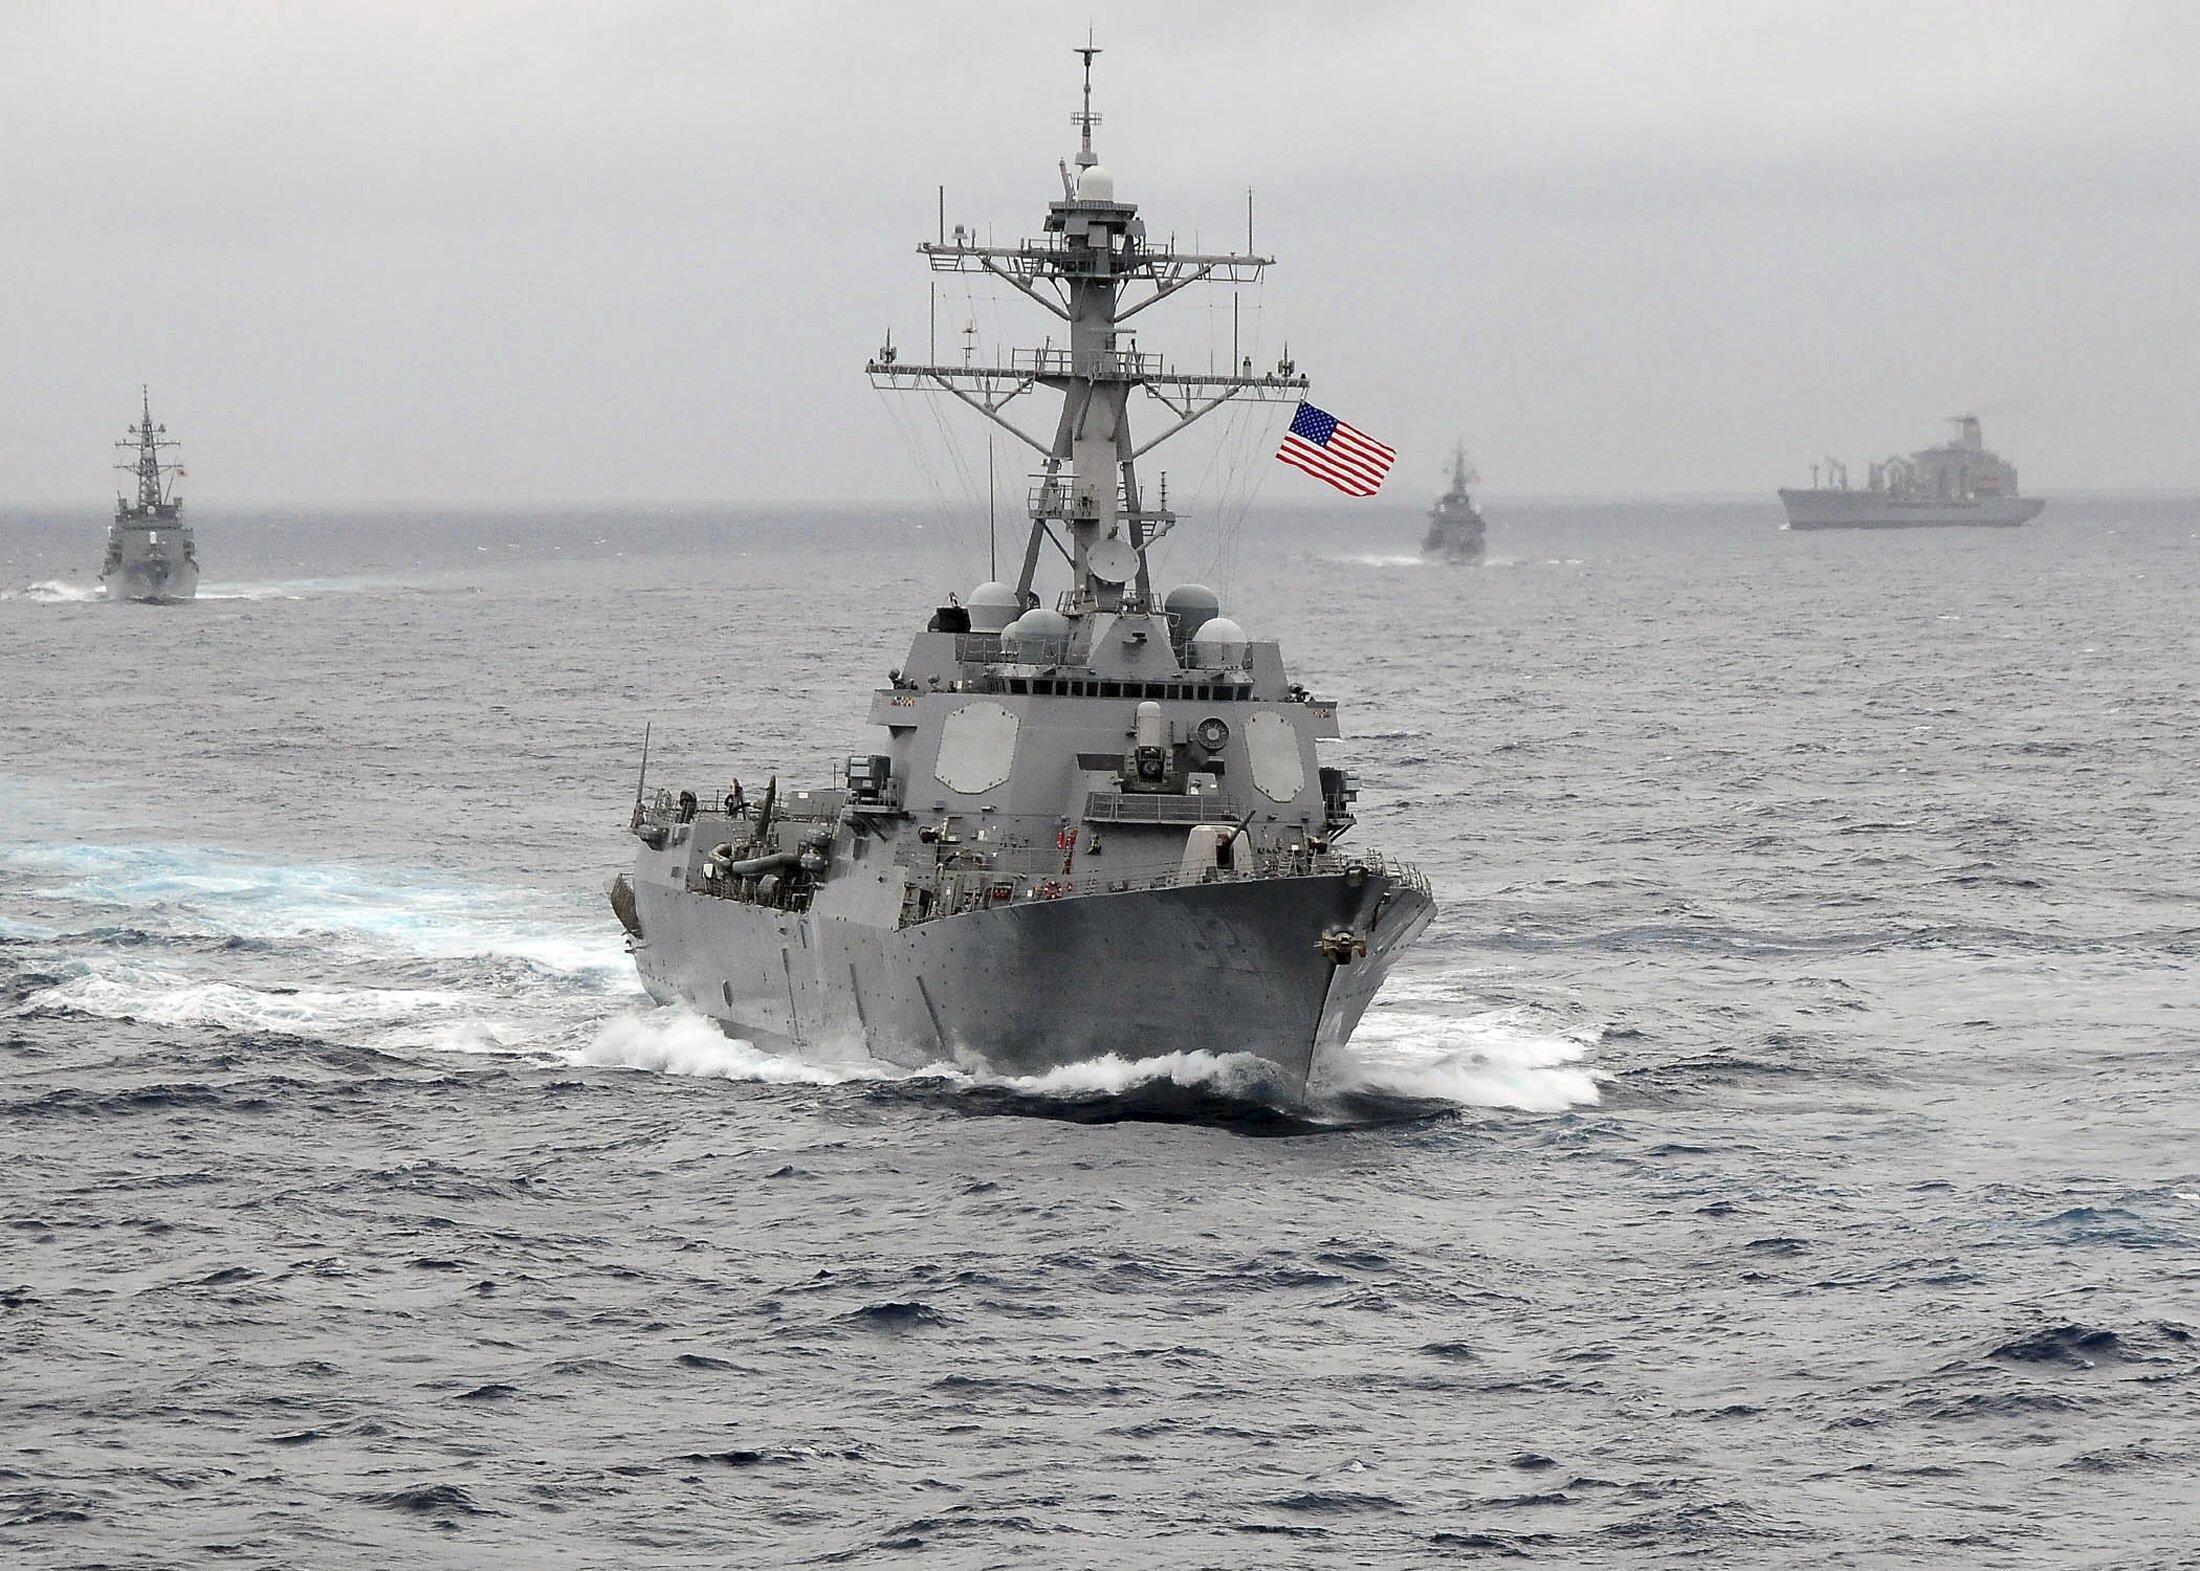 នាវាពិឃាដ USS Lassen ដែលអាមេរិកបញ្ជូនឲ្យចូលទៅក្នុងតំបន់ជាប់ជម្លោះនៅសមុទ្រចិនខាងត្បូង (រូបថតឯកសារ)